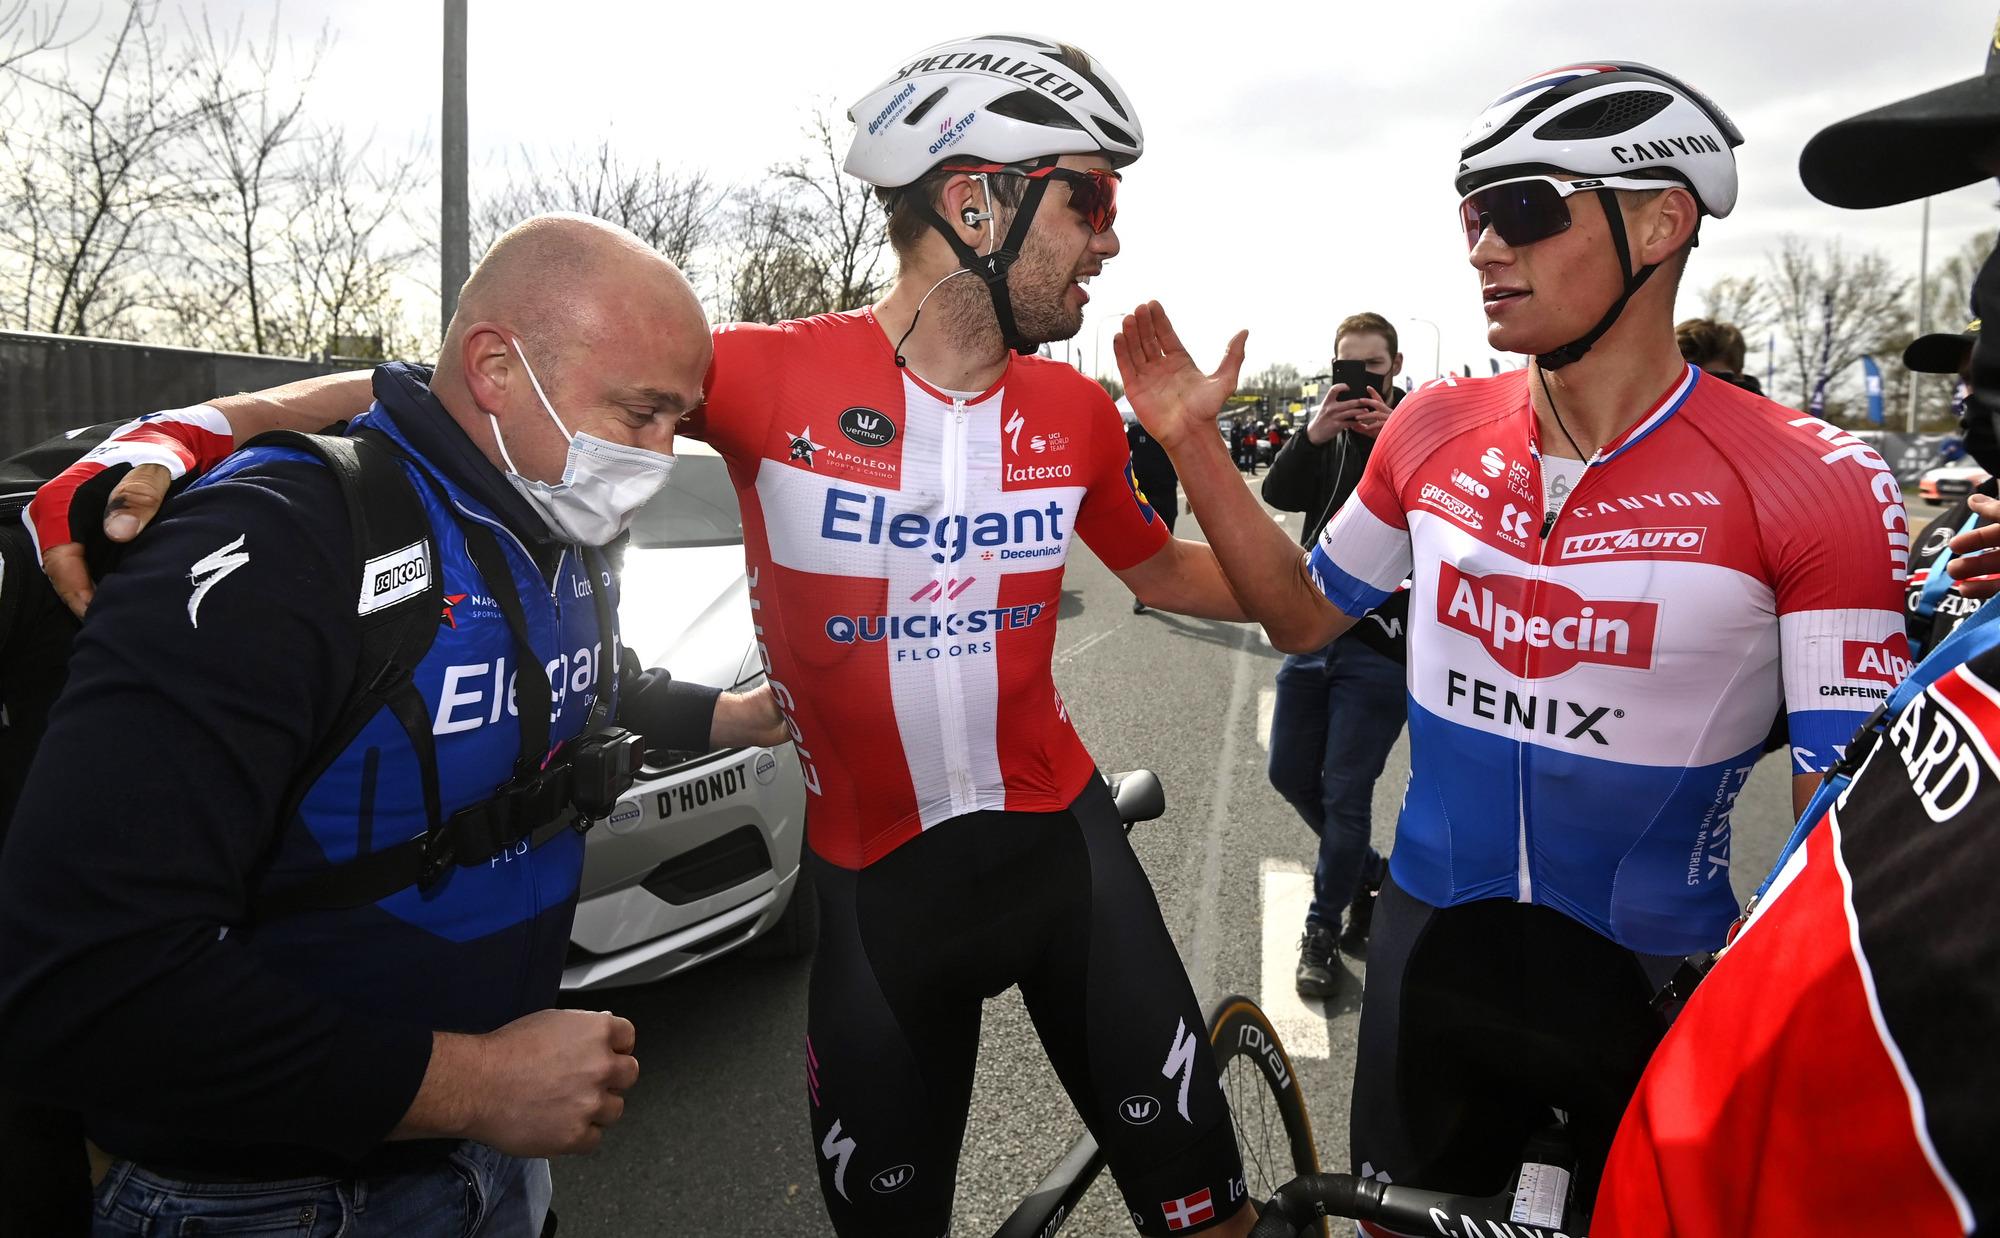 Ronde van Vlaanderen 2021 - Tour of Flanders - 105th Edition - Antwerp - Oudenaarde 263,7 km - 04/04/2021 - Kasper Asgreen (DEN - Deceuninck - Quick-Step) - Mathieu Van Der Poel (NED - Alpecin-Fenix) - photo Nico Vereecken/PN/BettiniPhoto©2021